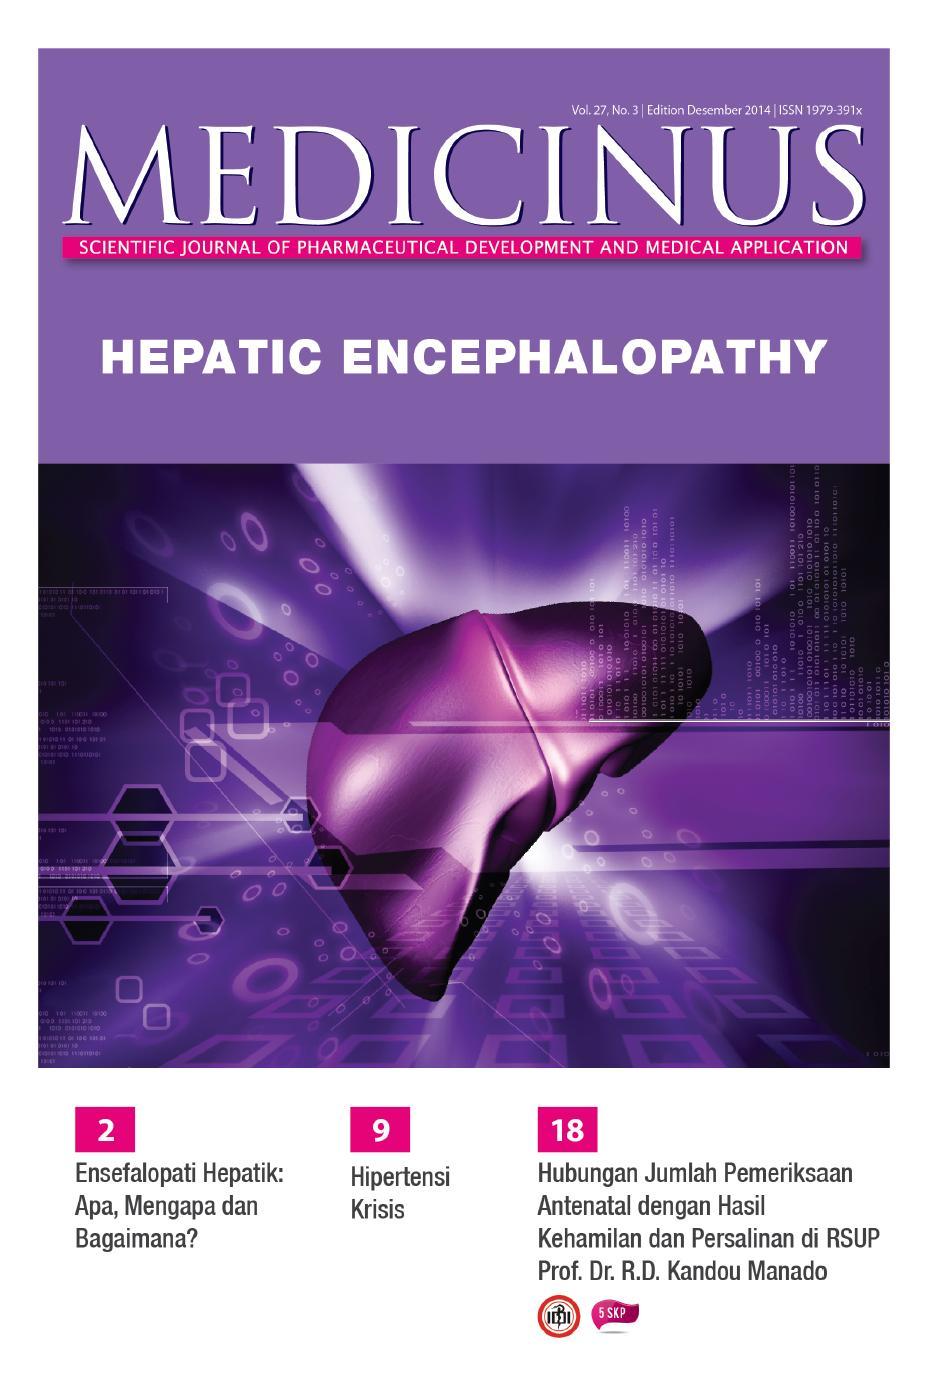 Medicinus edisi Desember 2014 Vol. 27 No. 3